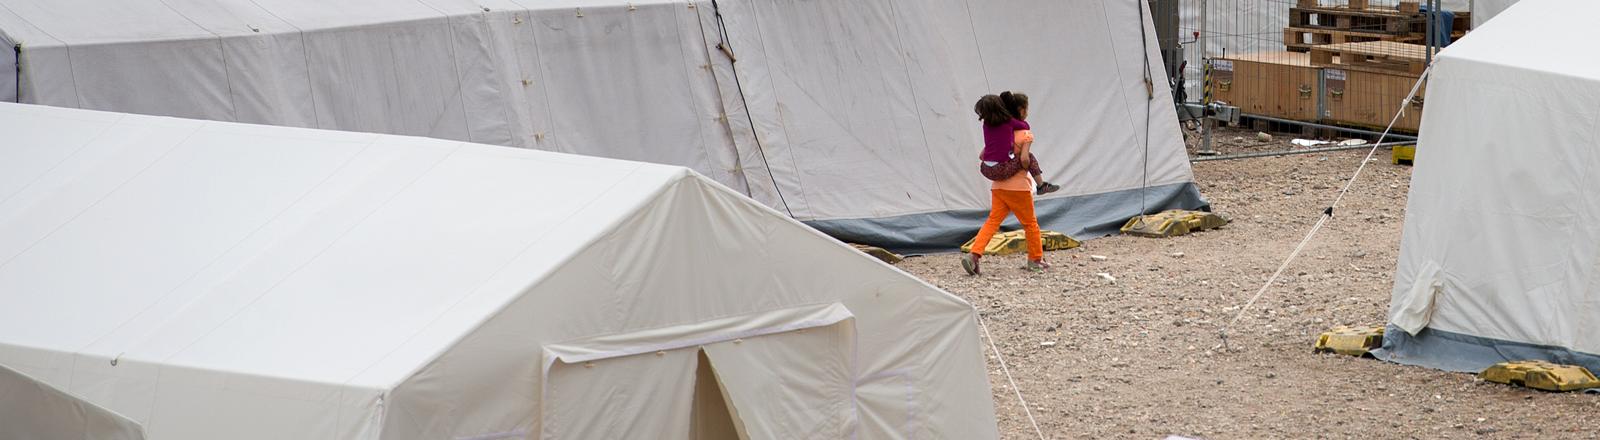 Kinder laufen durch die Zelte der Erstaufnahmeeinrichtung in Dresden.